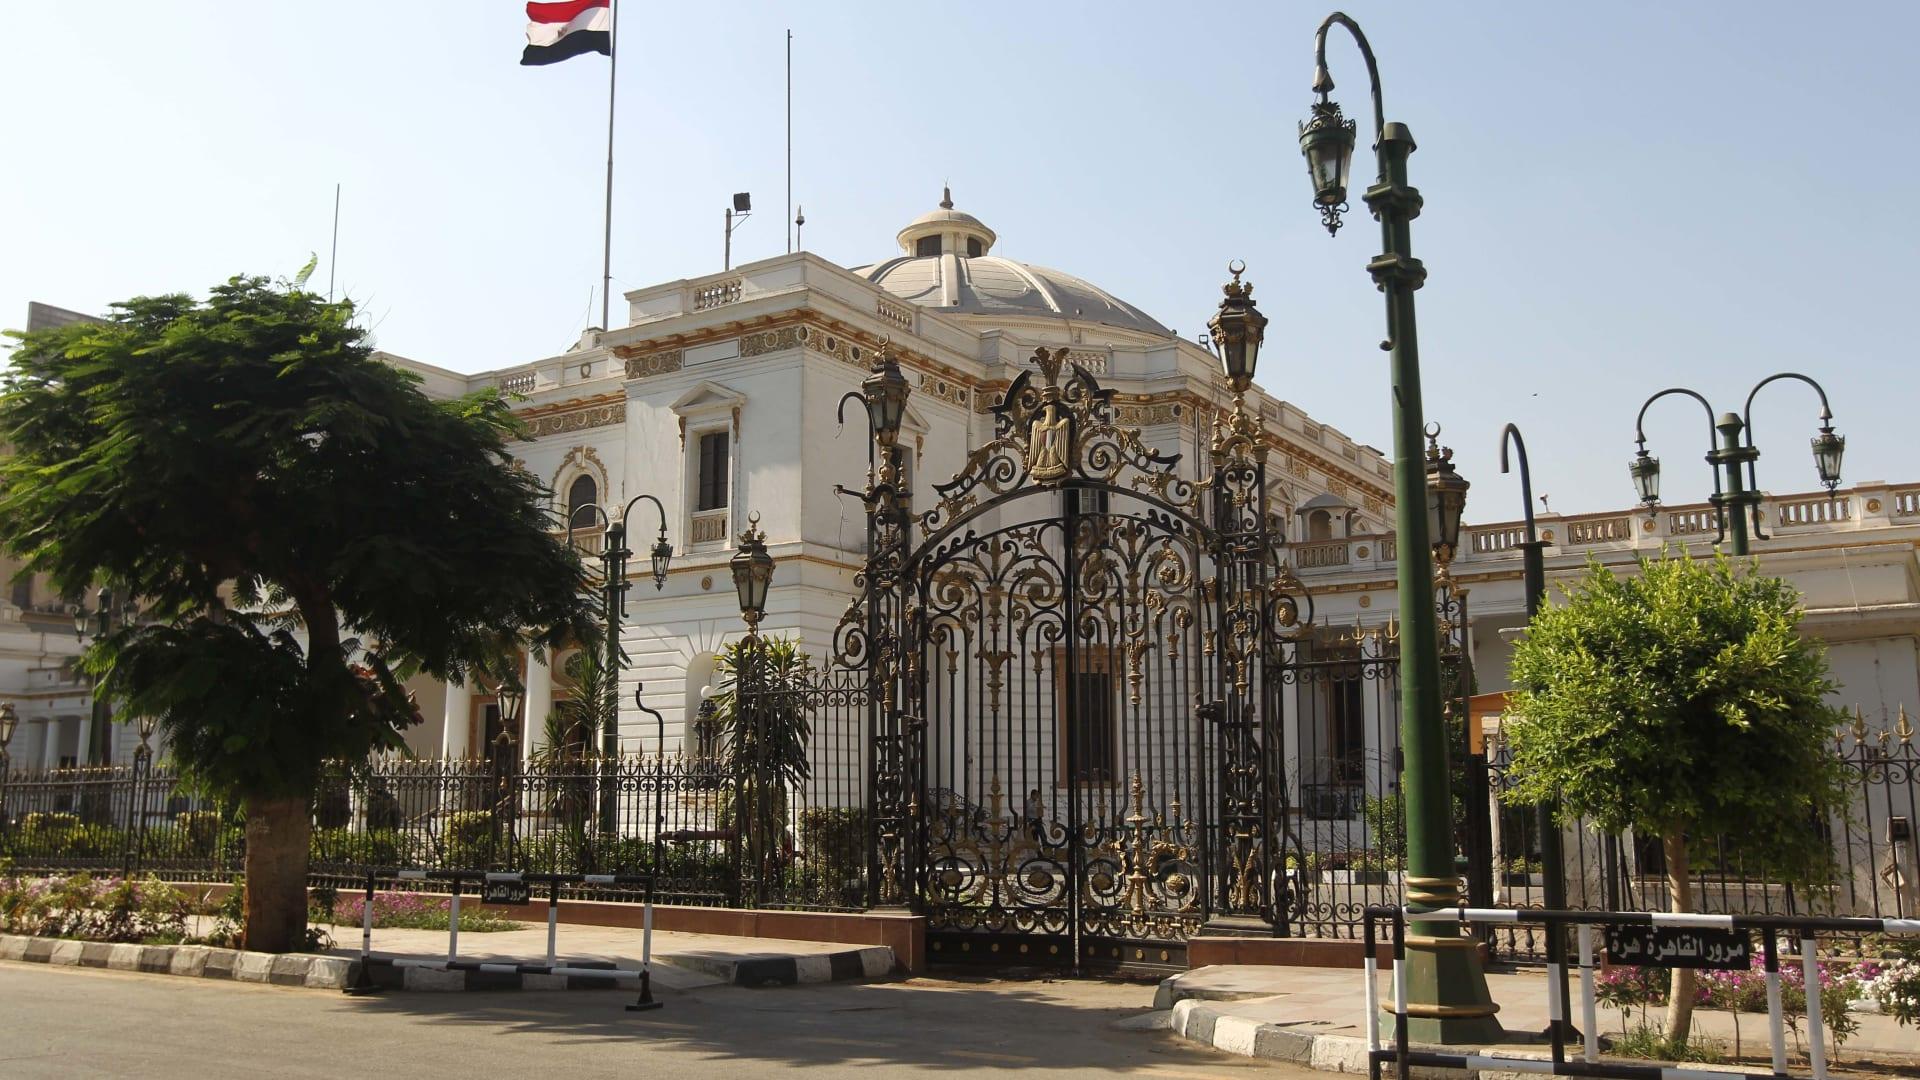 اكتشف كنوز القاهرة المخفية مع المصور كريم الحيوان